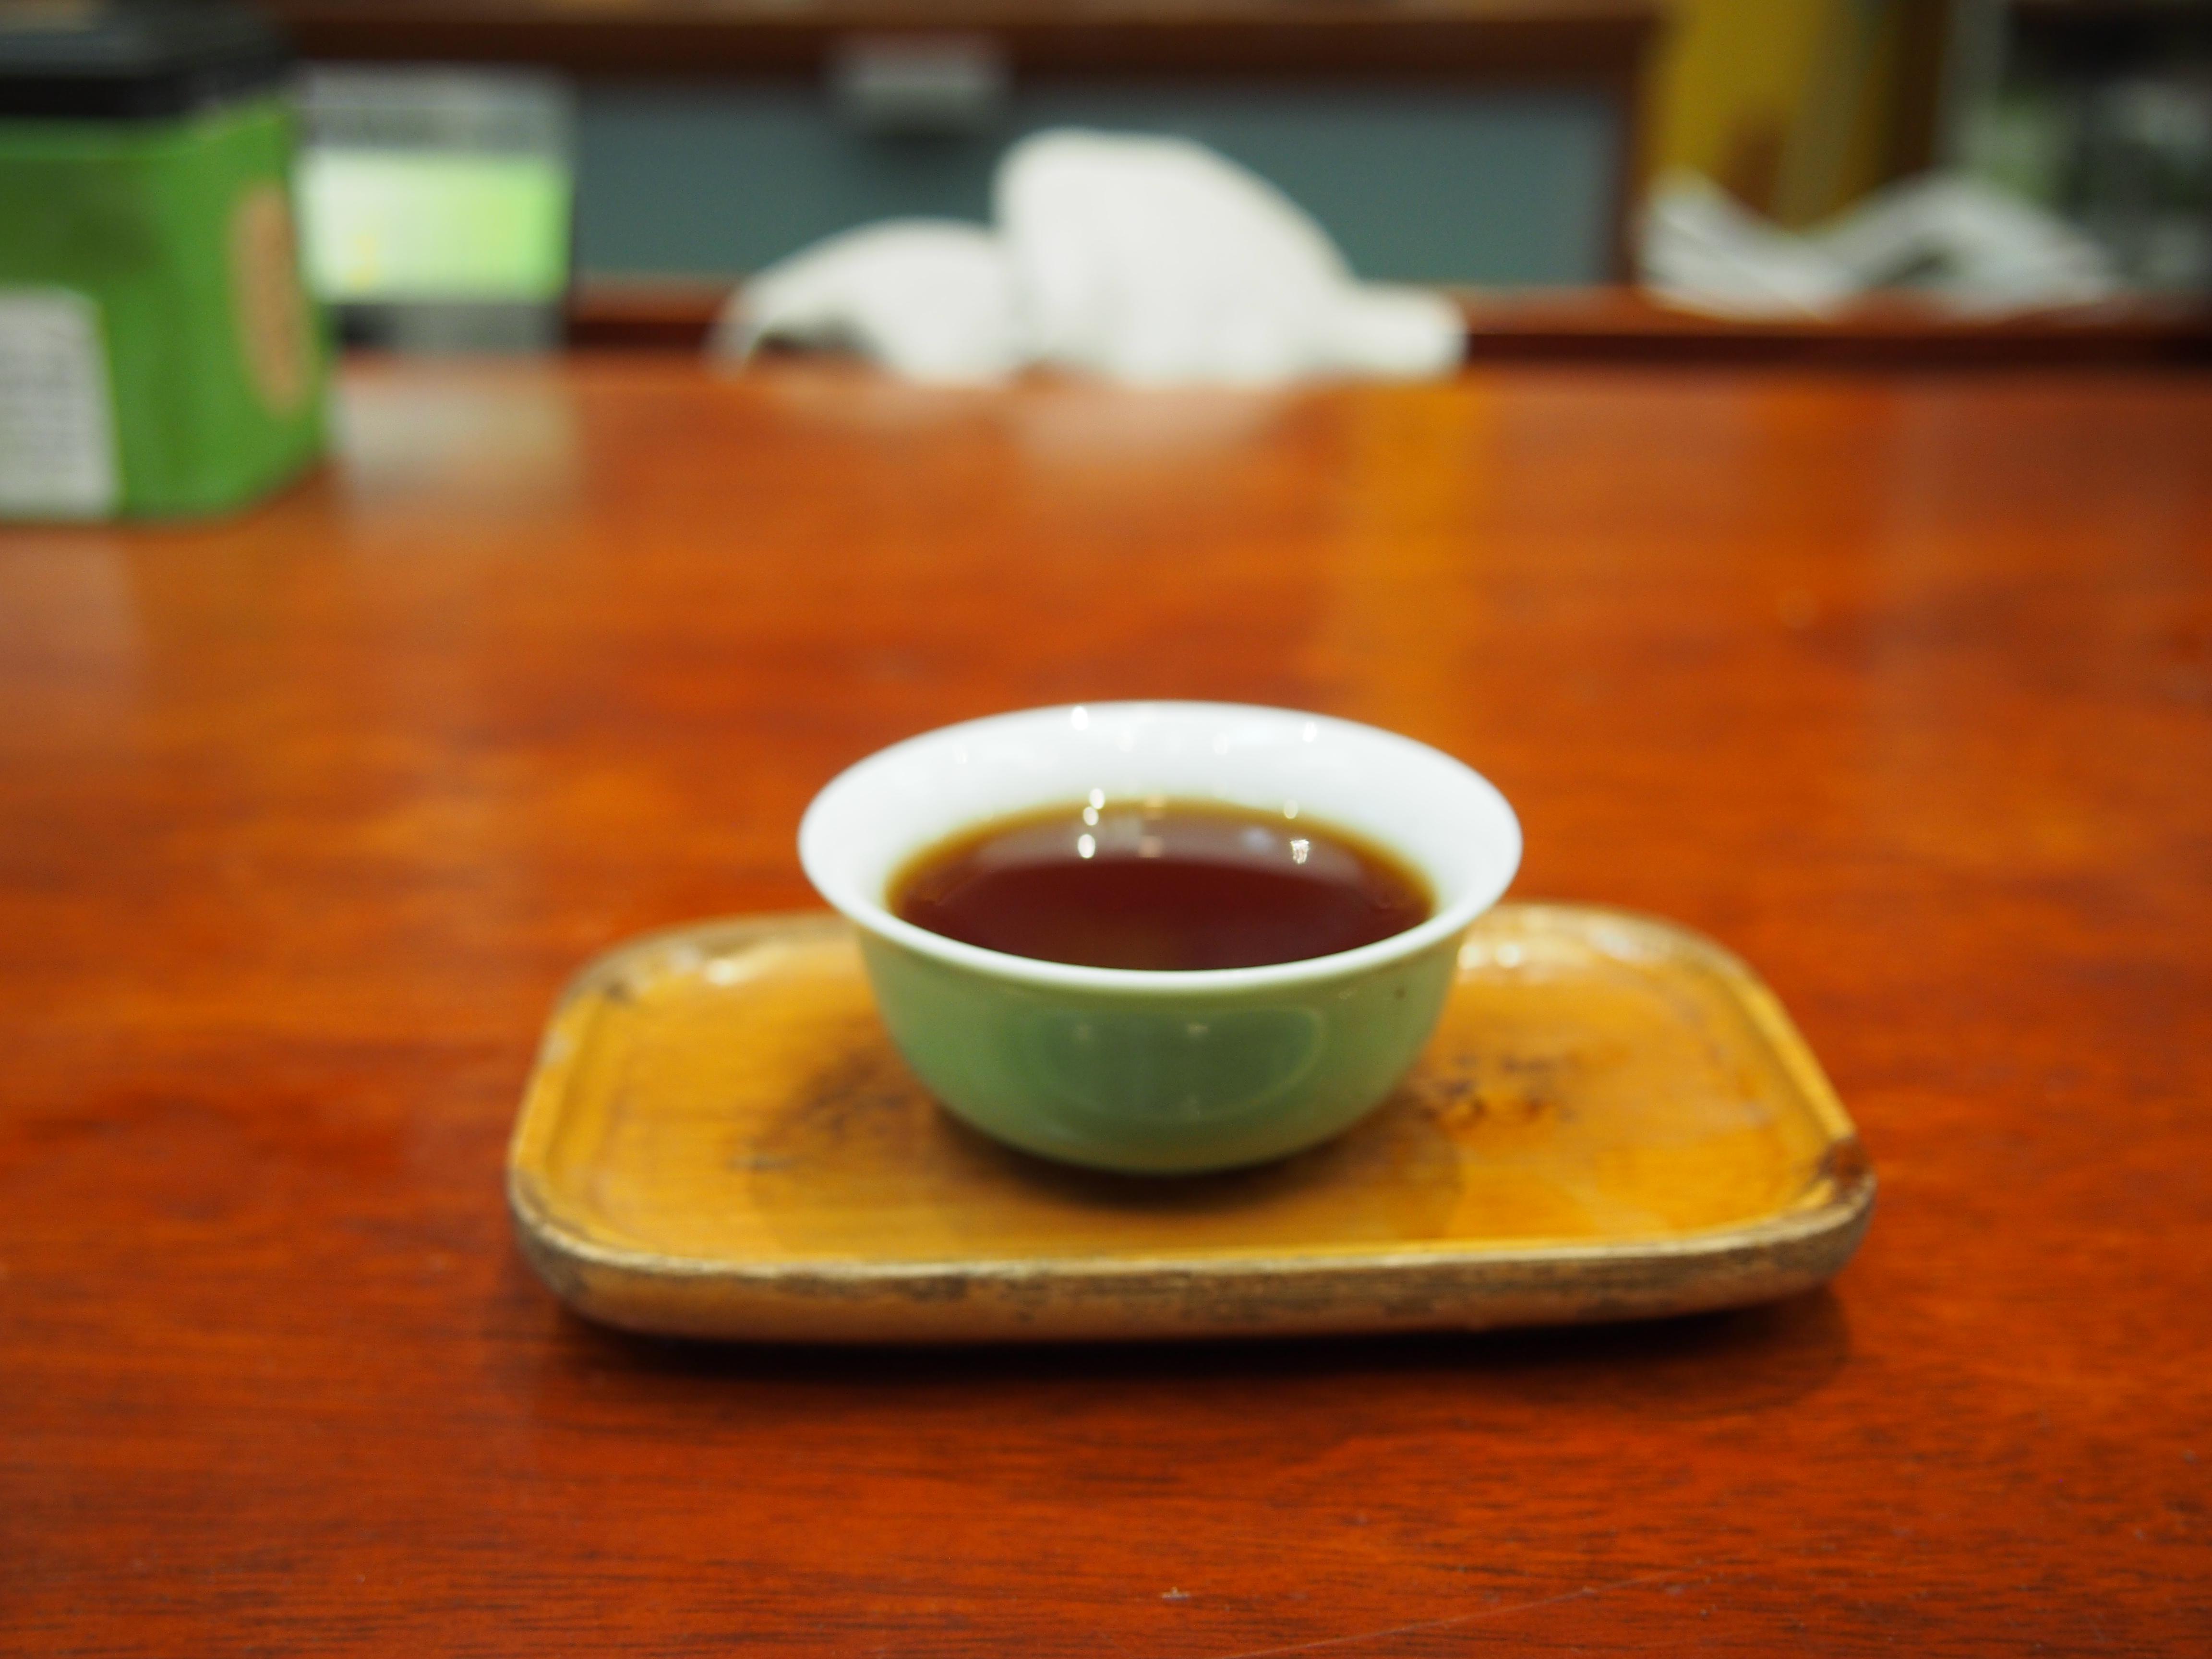 TASTE MULTIPLE TEAS